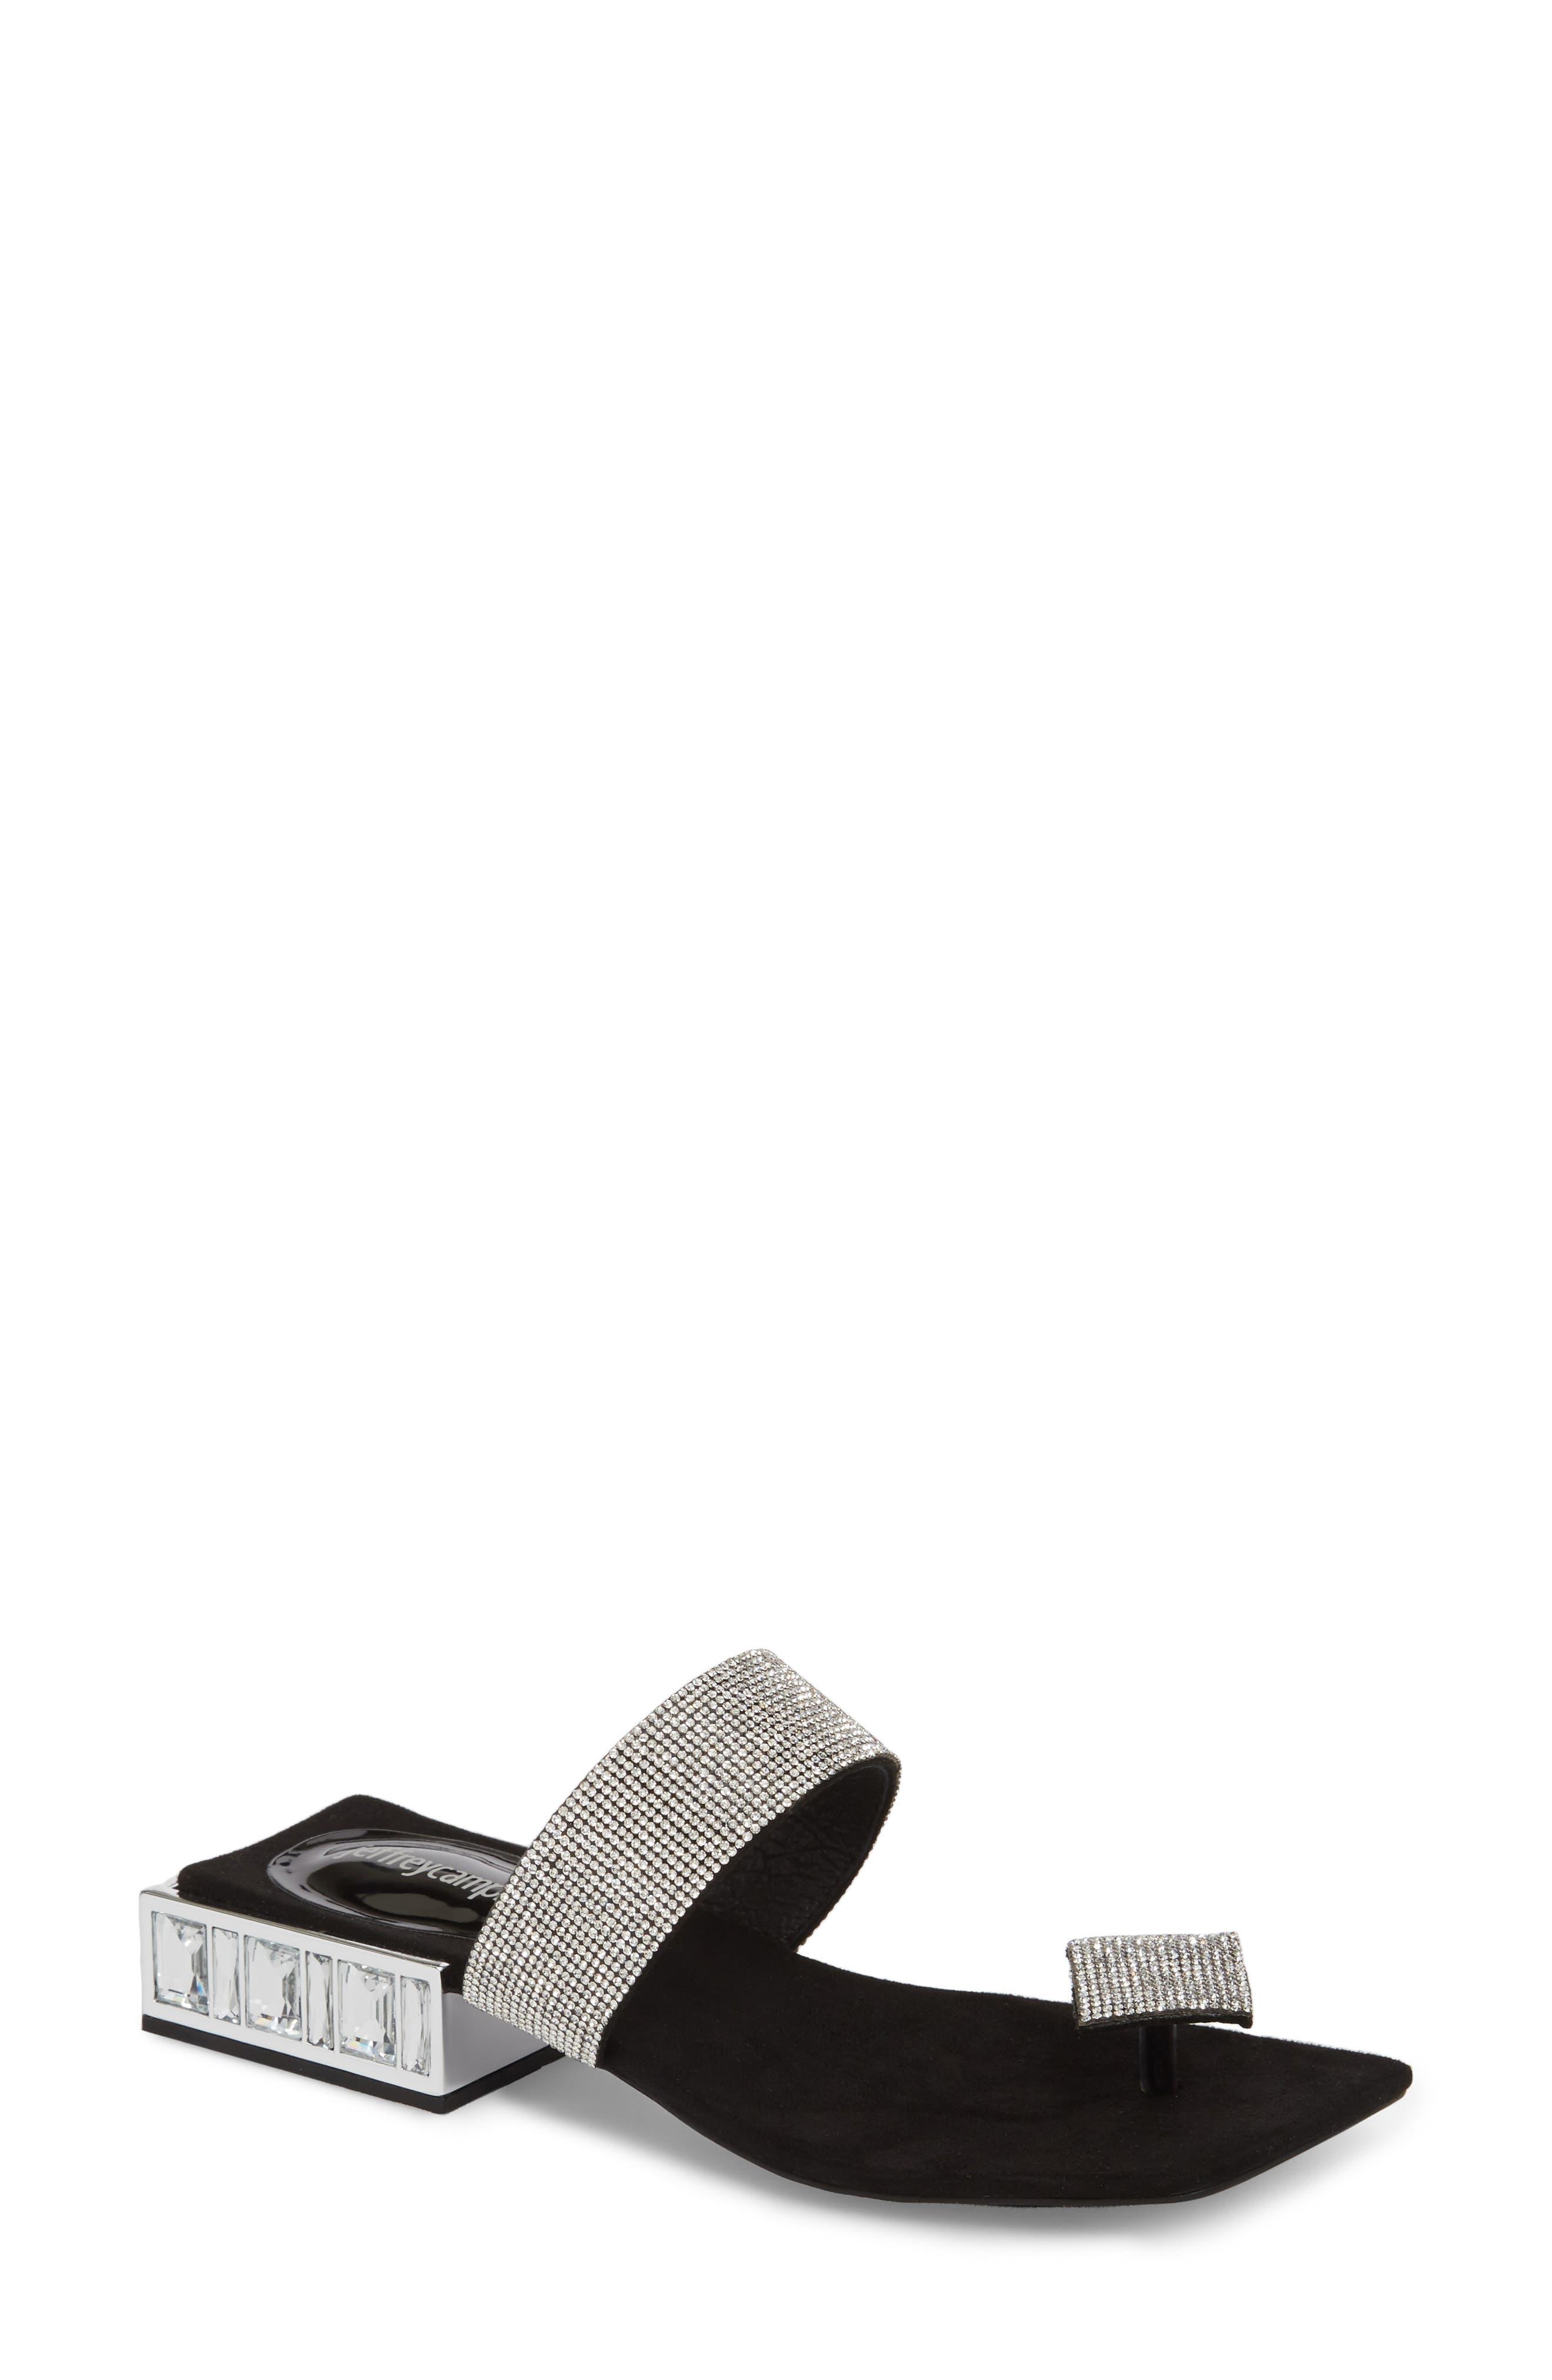 JEFFREY CAMPBELL Alise Embellished Sandal, Main, color, BLACK SUEDE/ SILVER